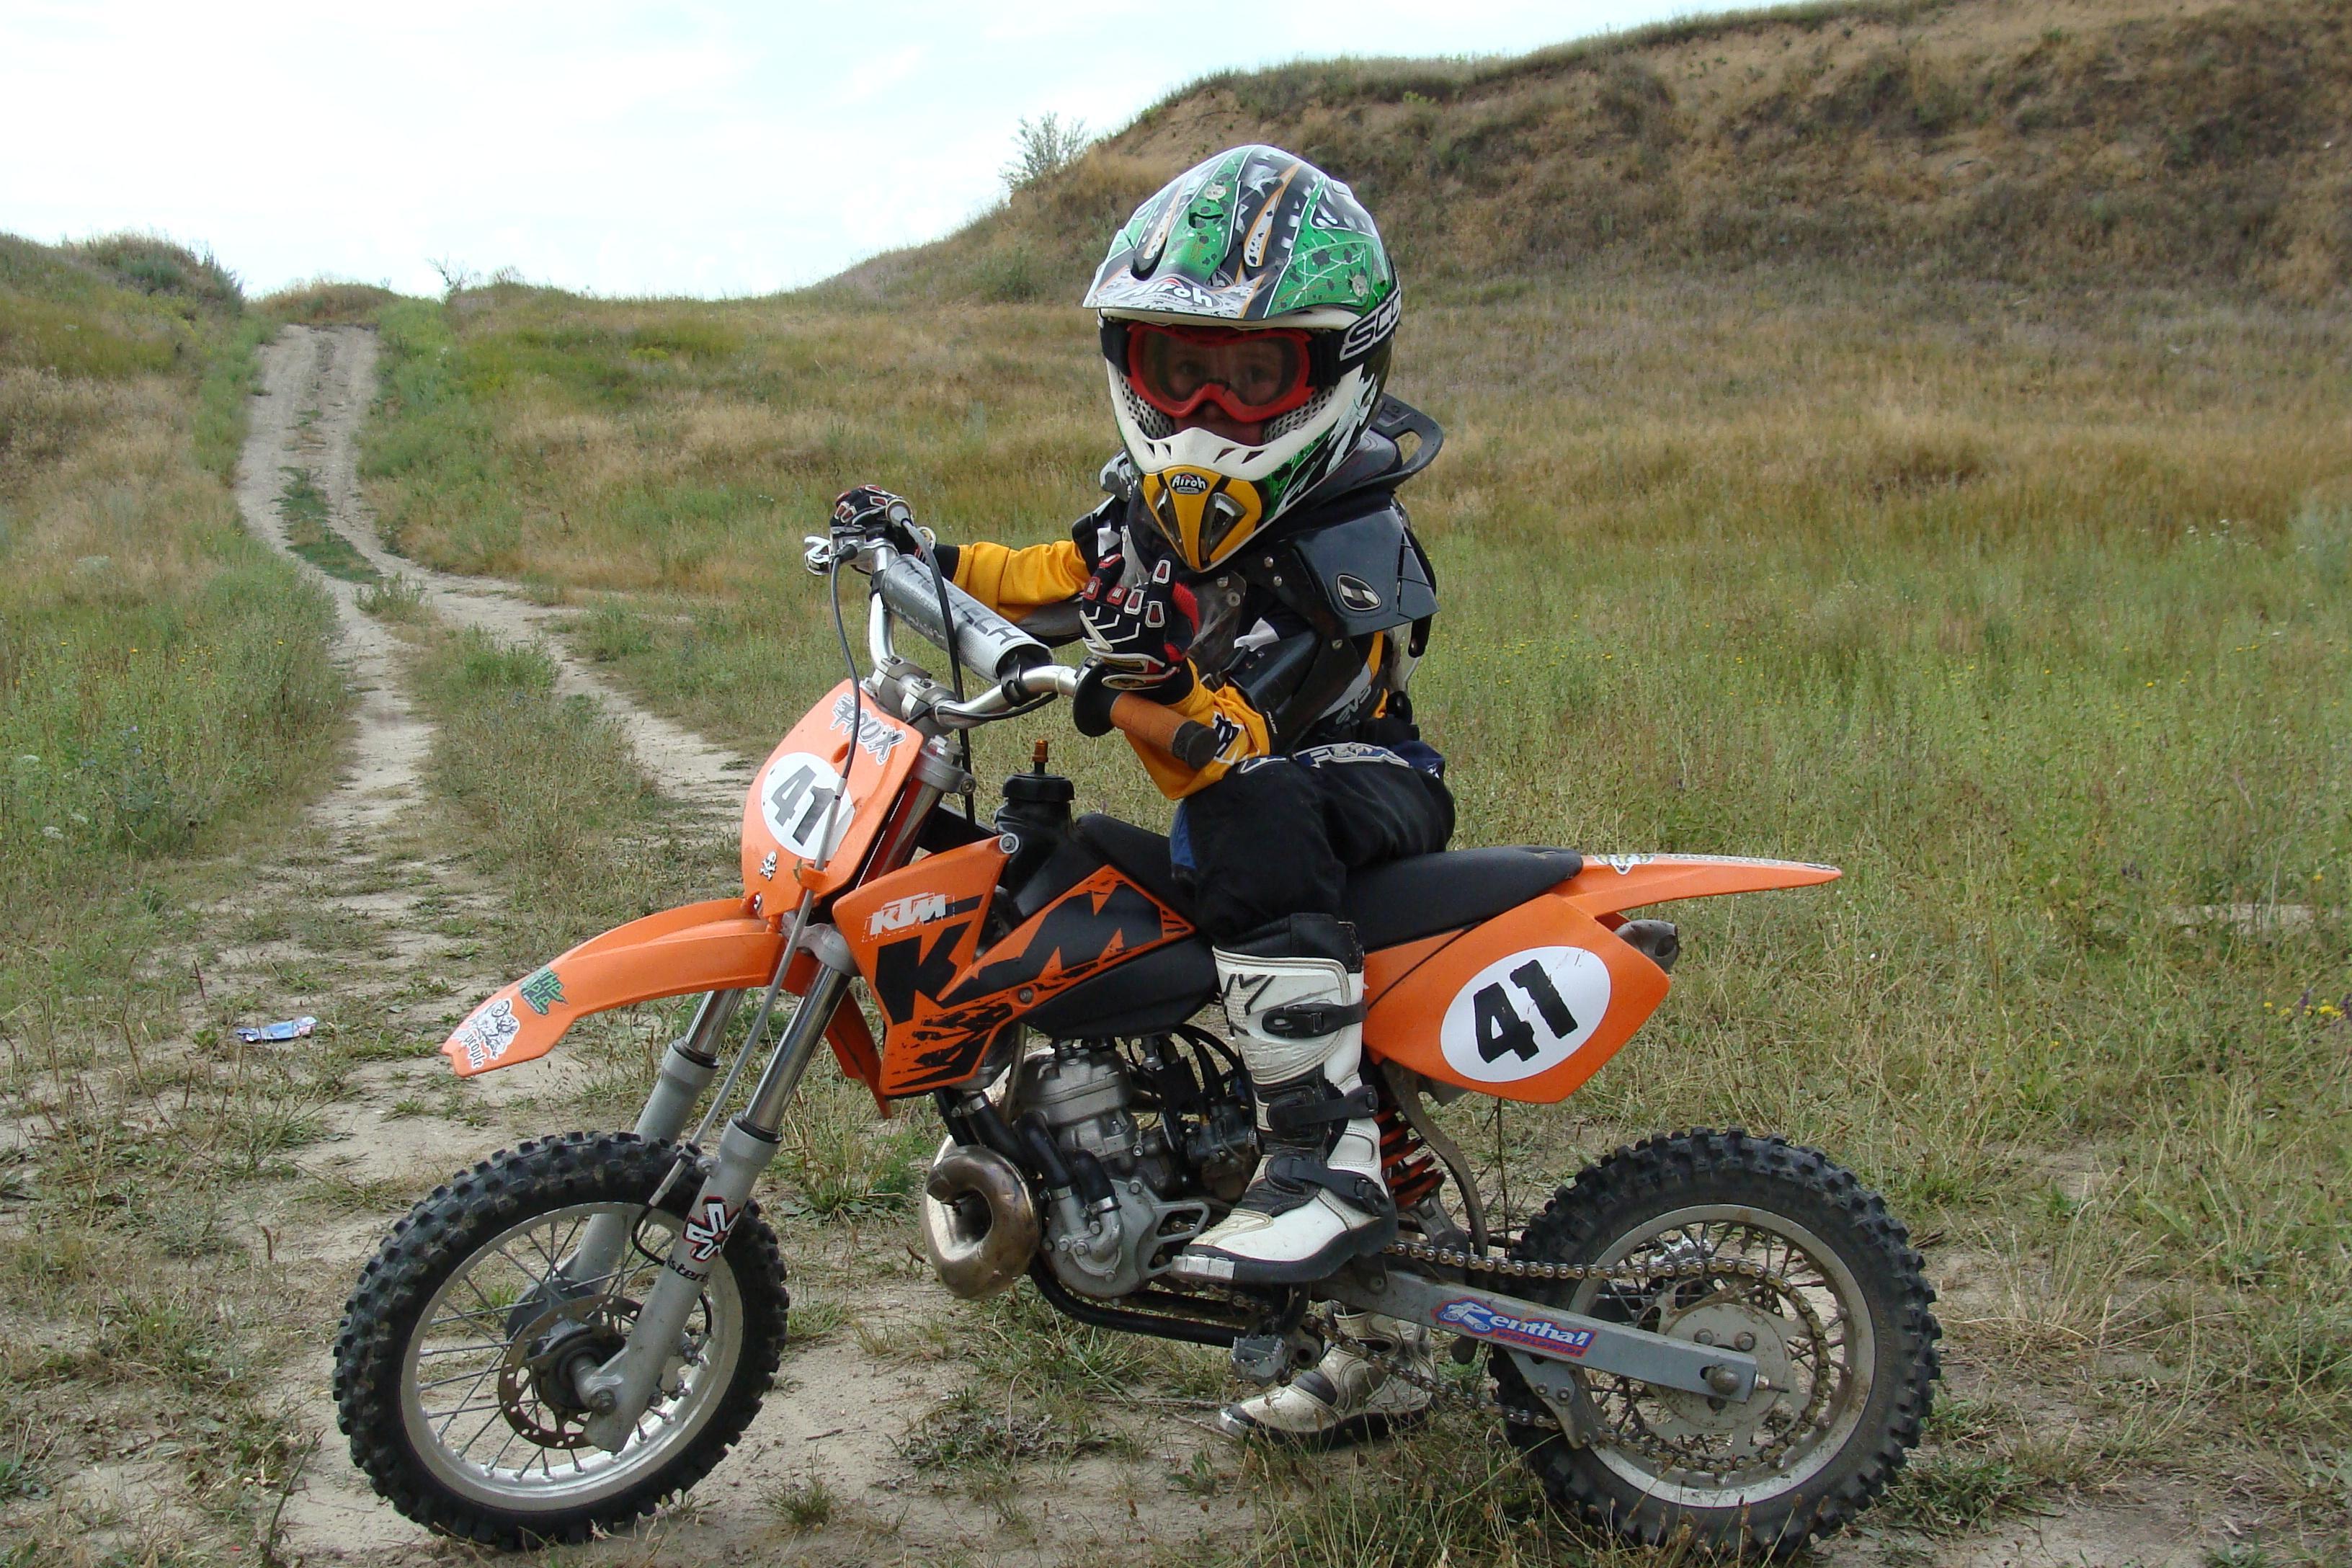 Первый класс кроссовых мотоциклов называется Mini